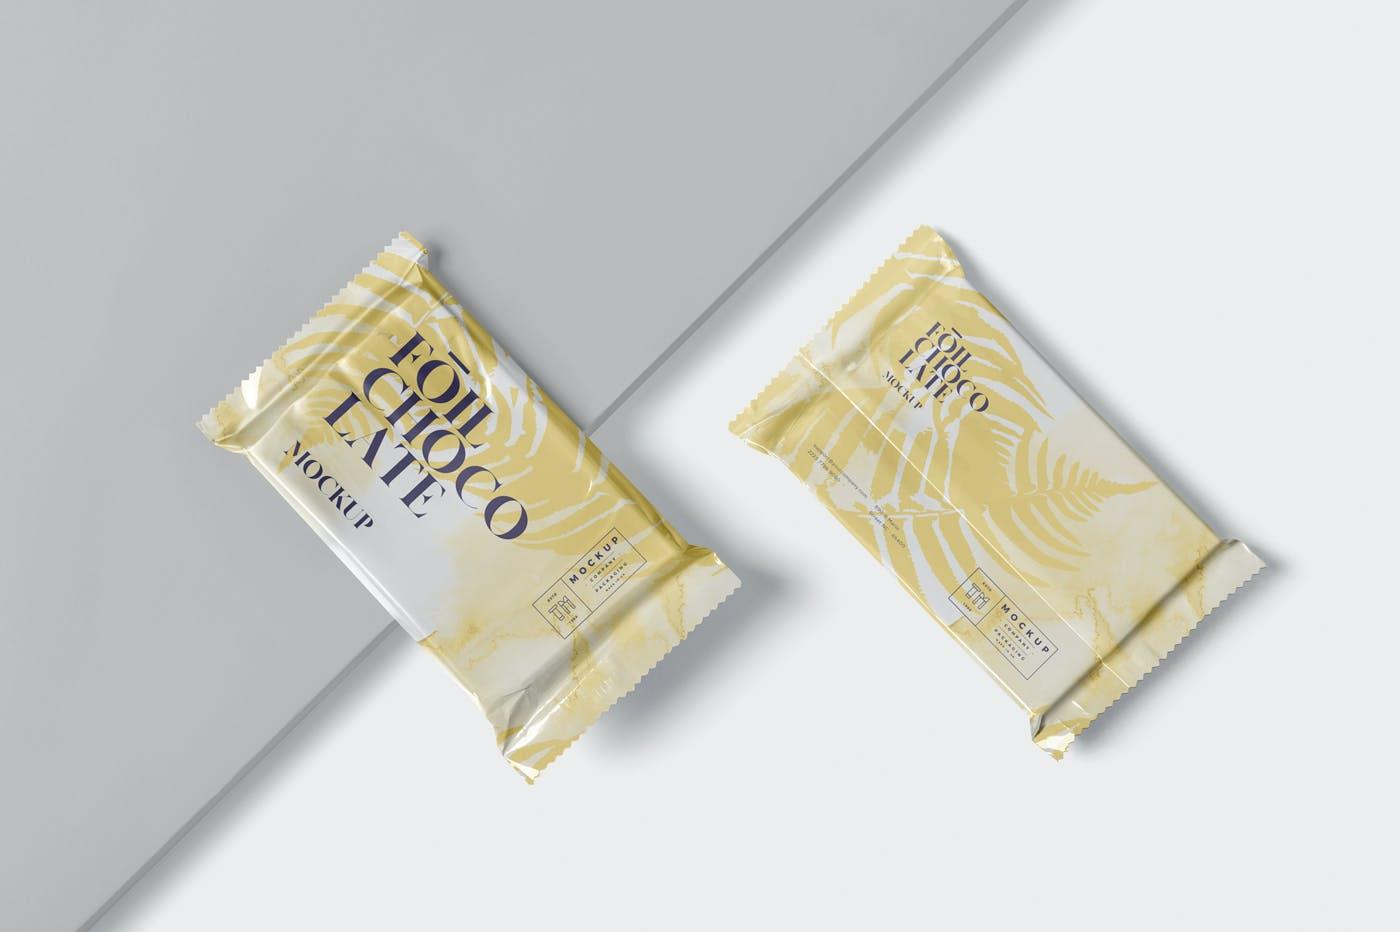 精美铝箔巧克力包装袋设计展示样机 Foil Chocolate Packaging Mockup – Slim Size插图(1)